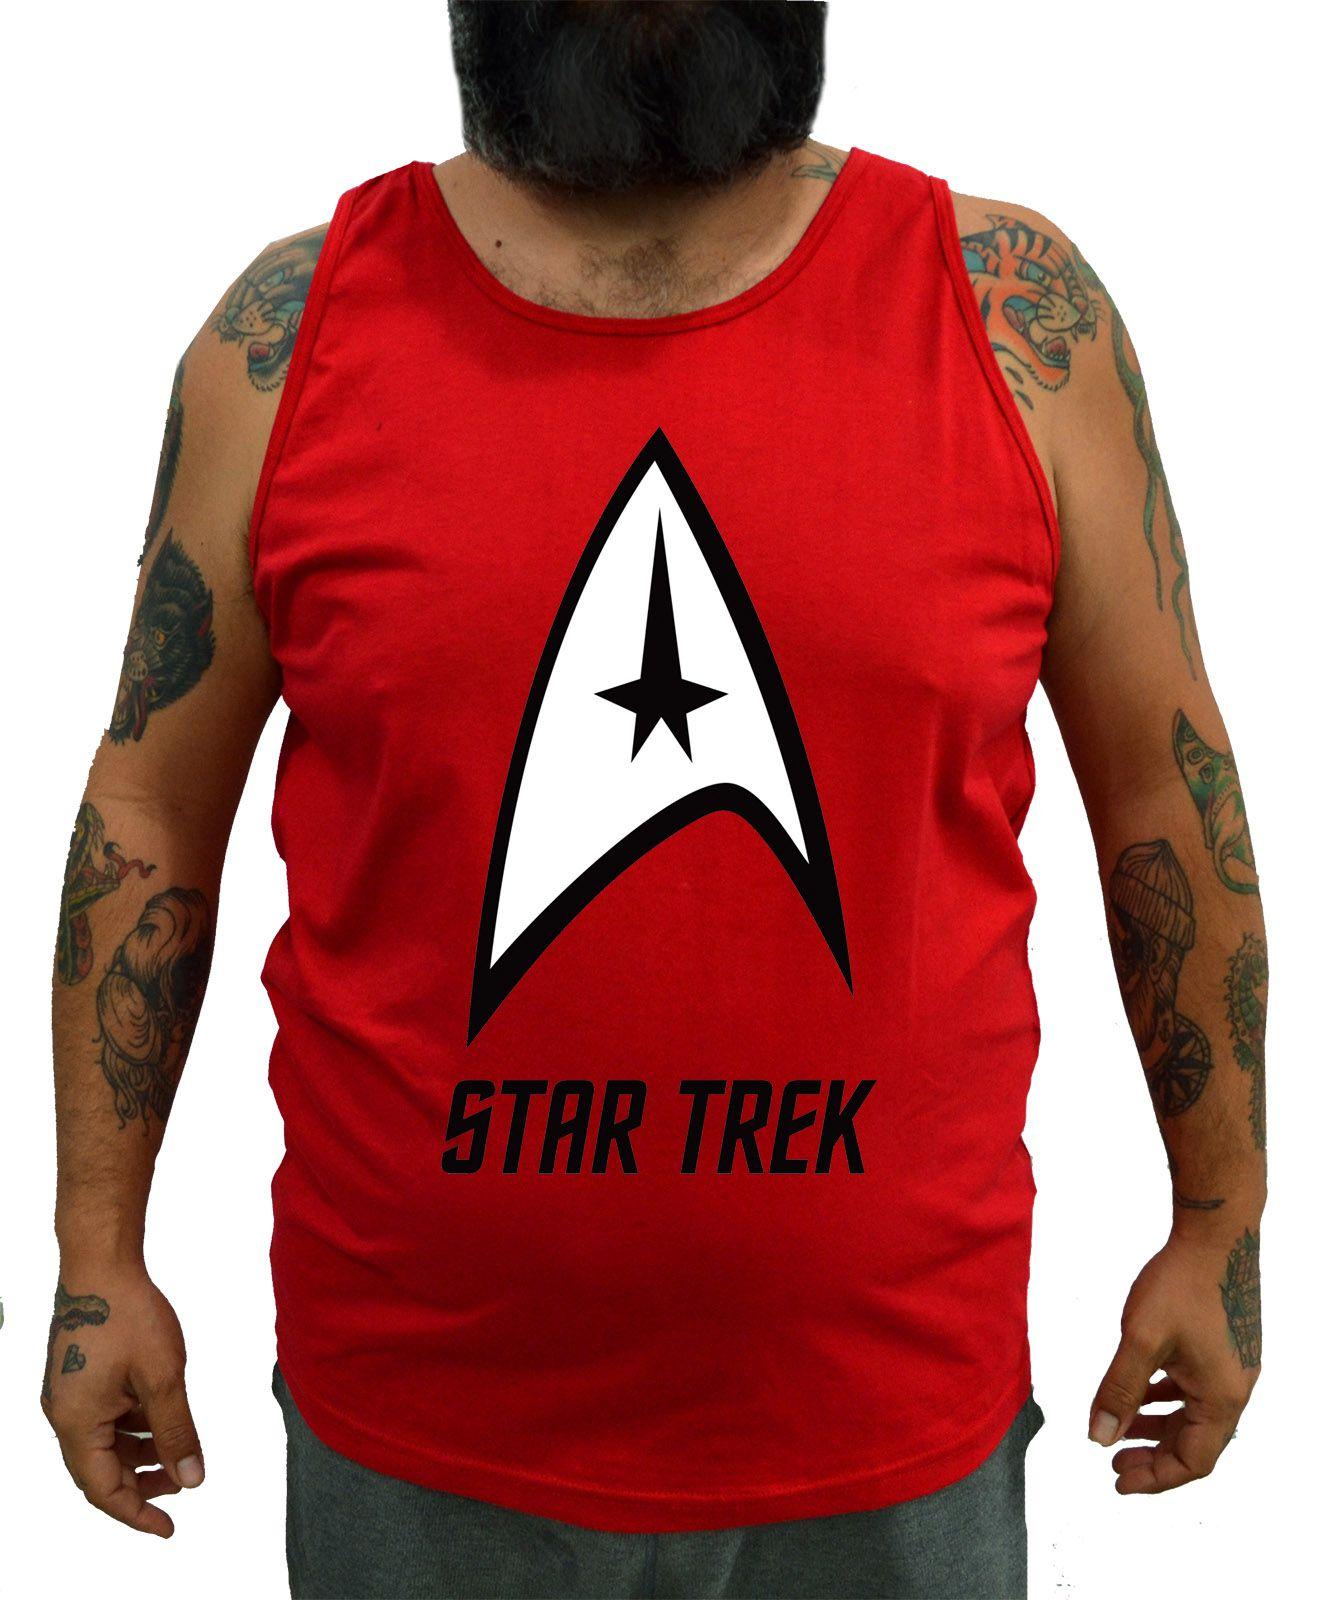 Regata Plus Size Star Trek Vermelha - Tamanho XG  - HShop